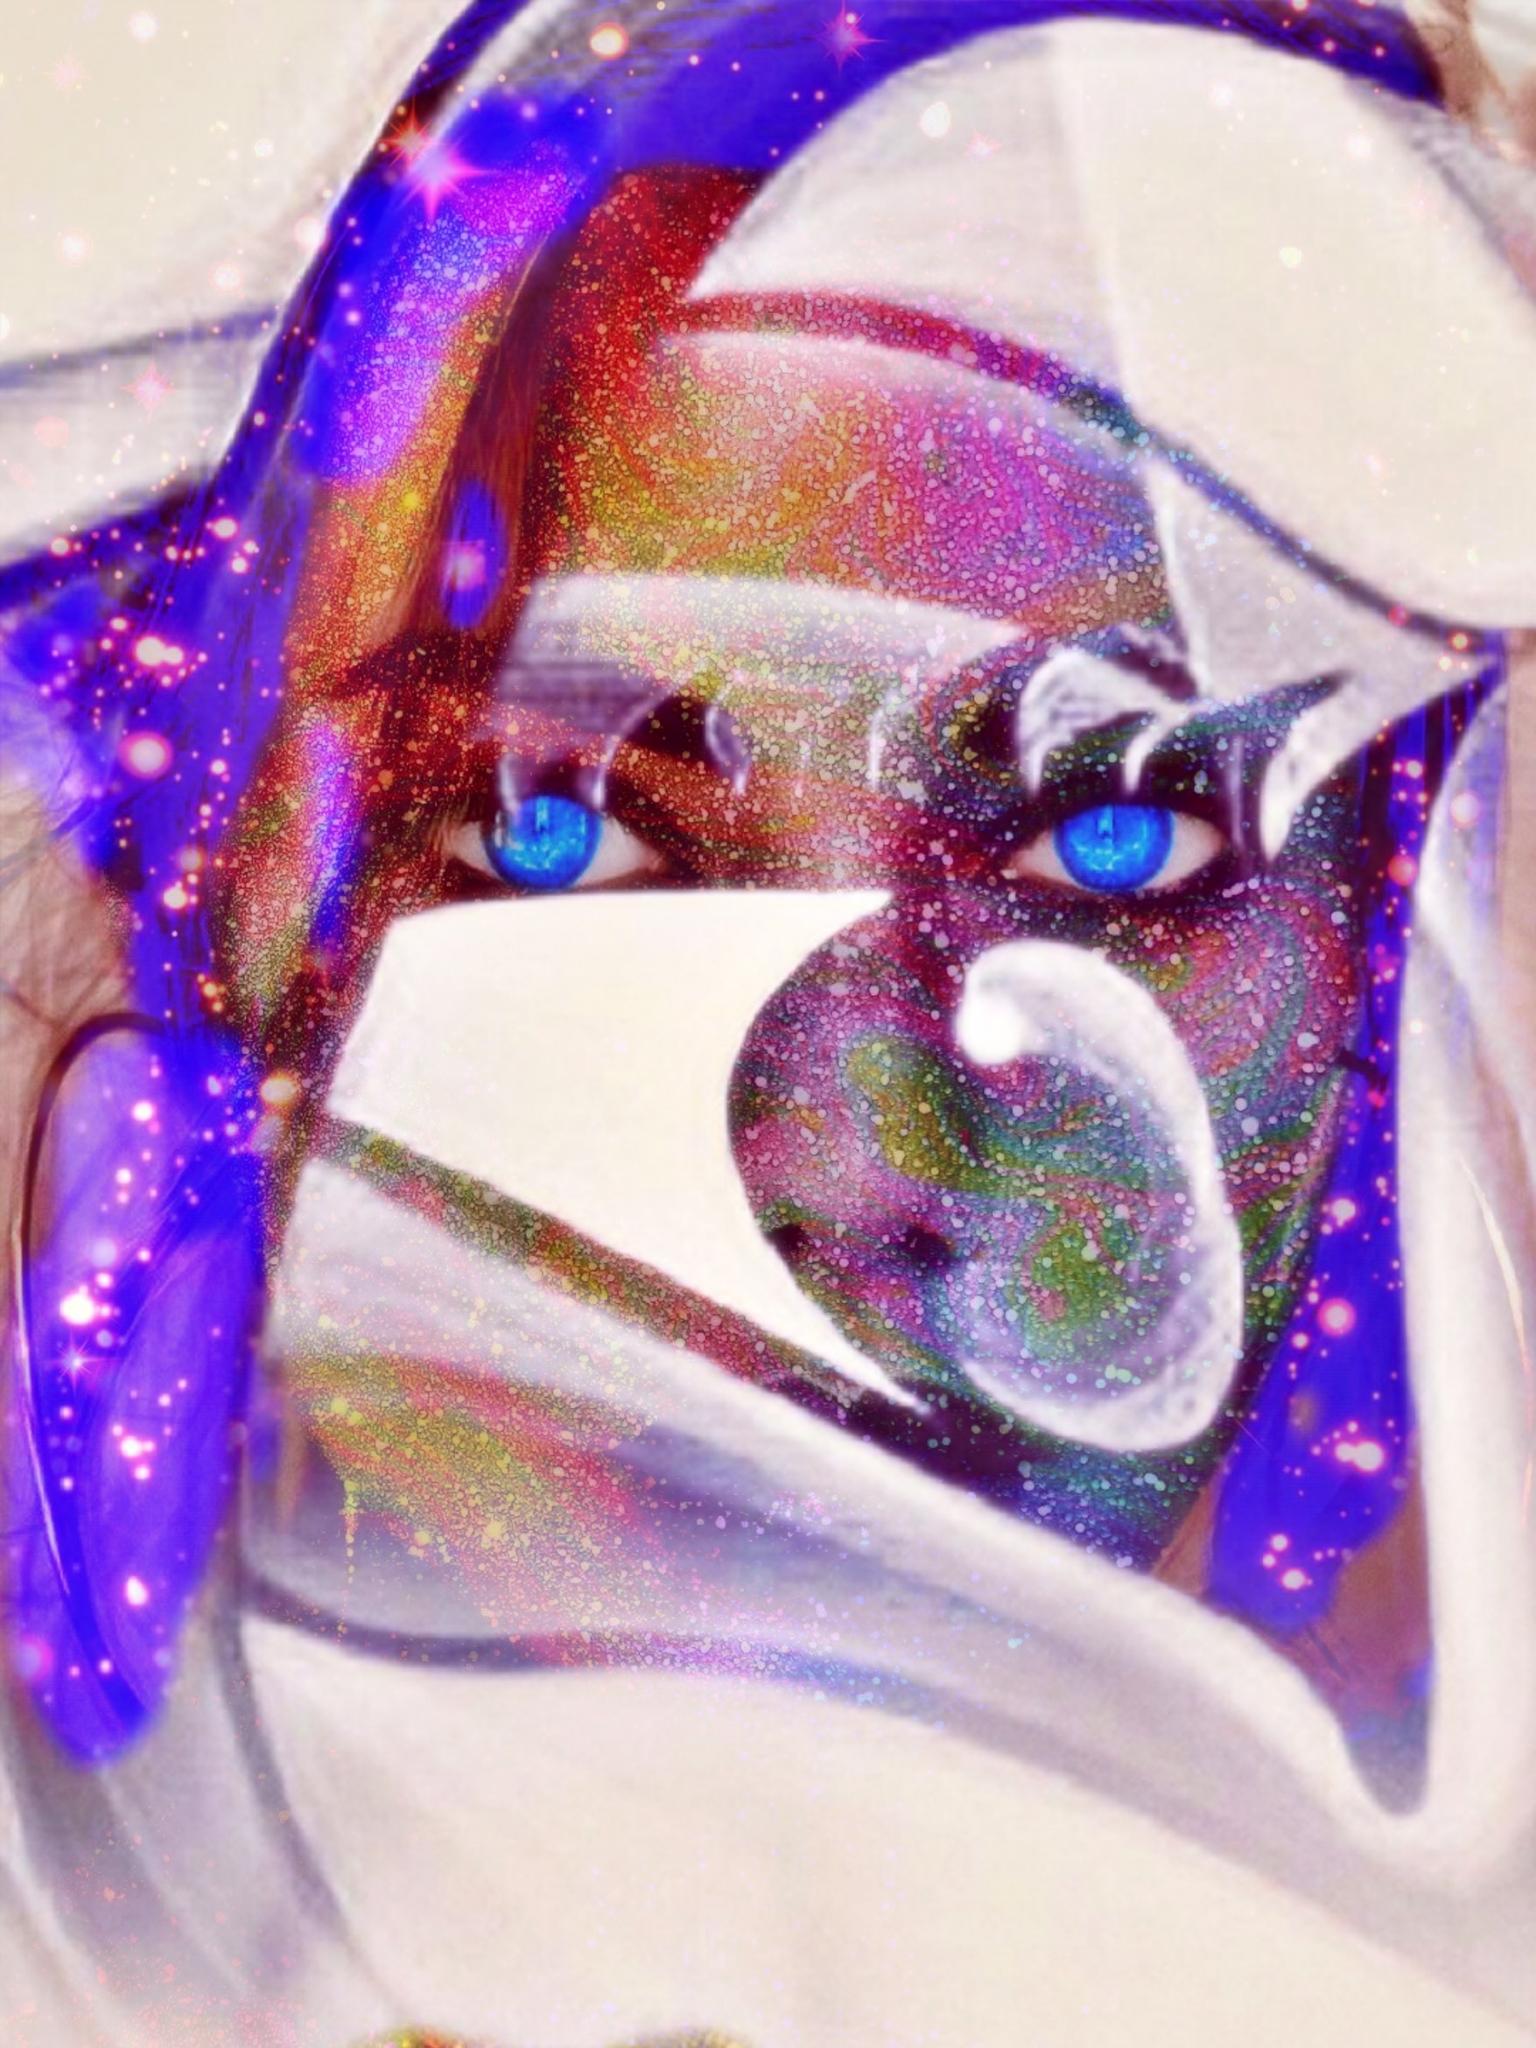 Blue eyes - xx - foto door Gooiseroos op 16-04-2021 - deze foto bevat: purper, wimper, paars, roze, glitter, materiële eigenschap, ornament, magenta, sieraden, kerst versiering